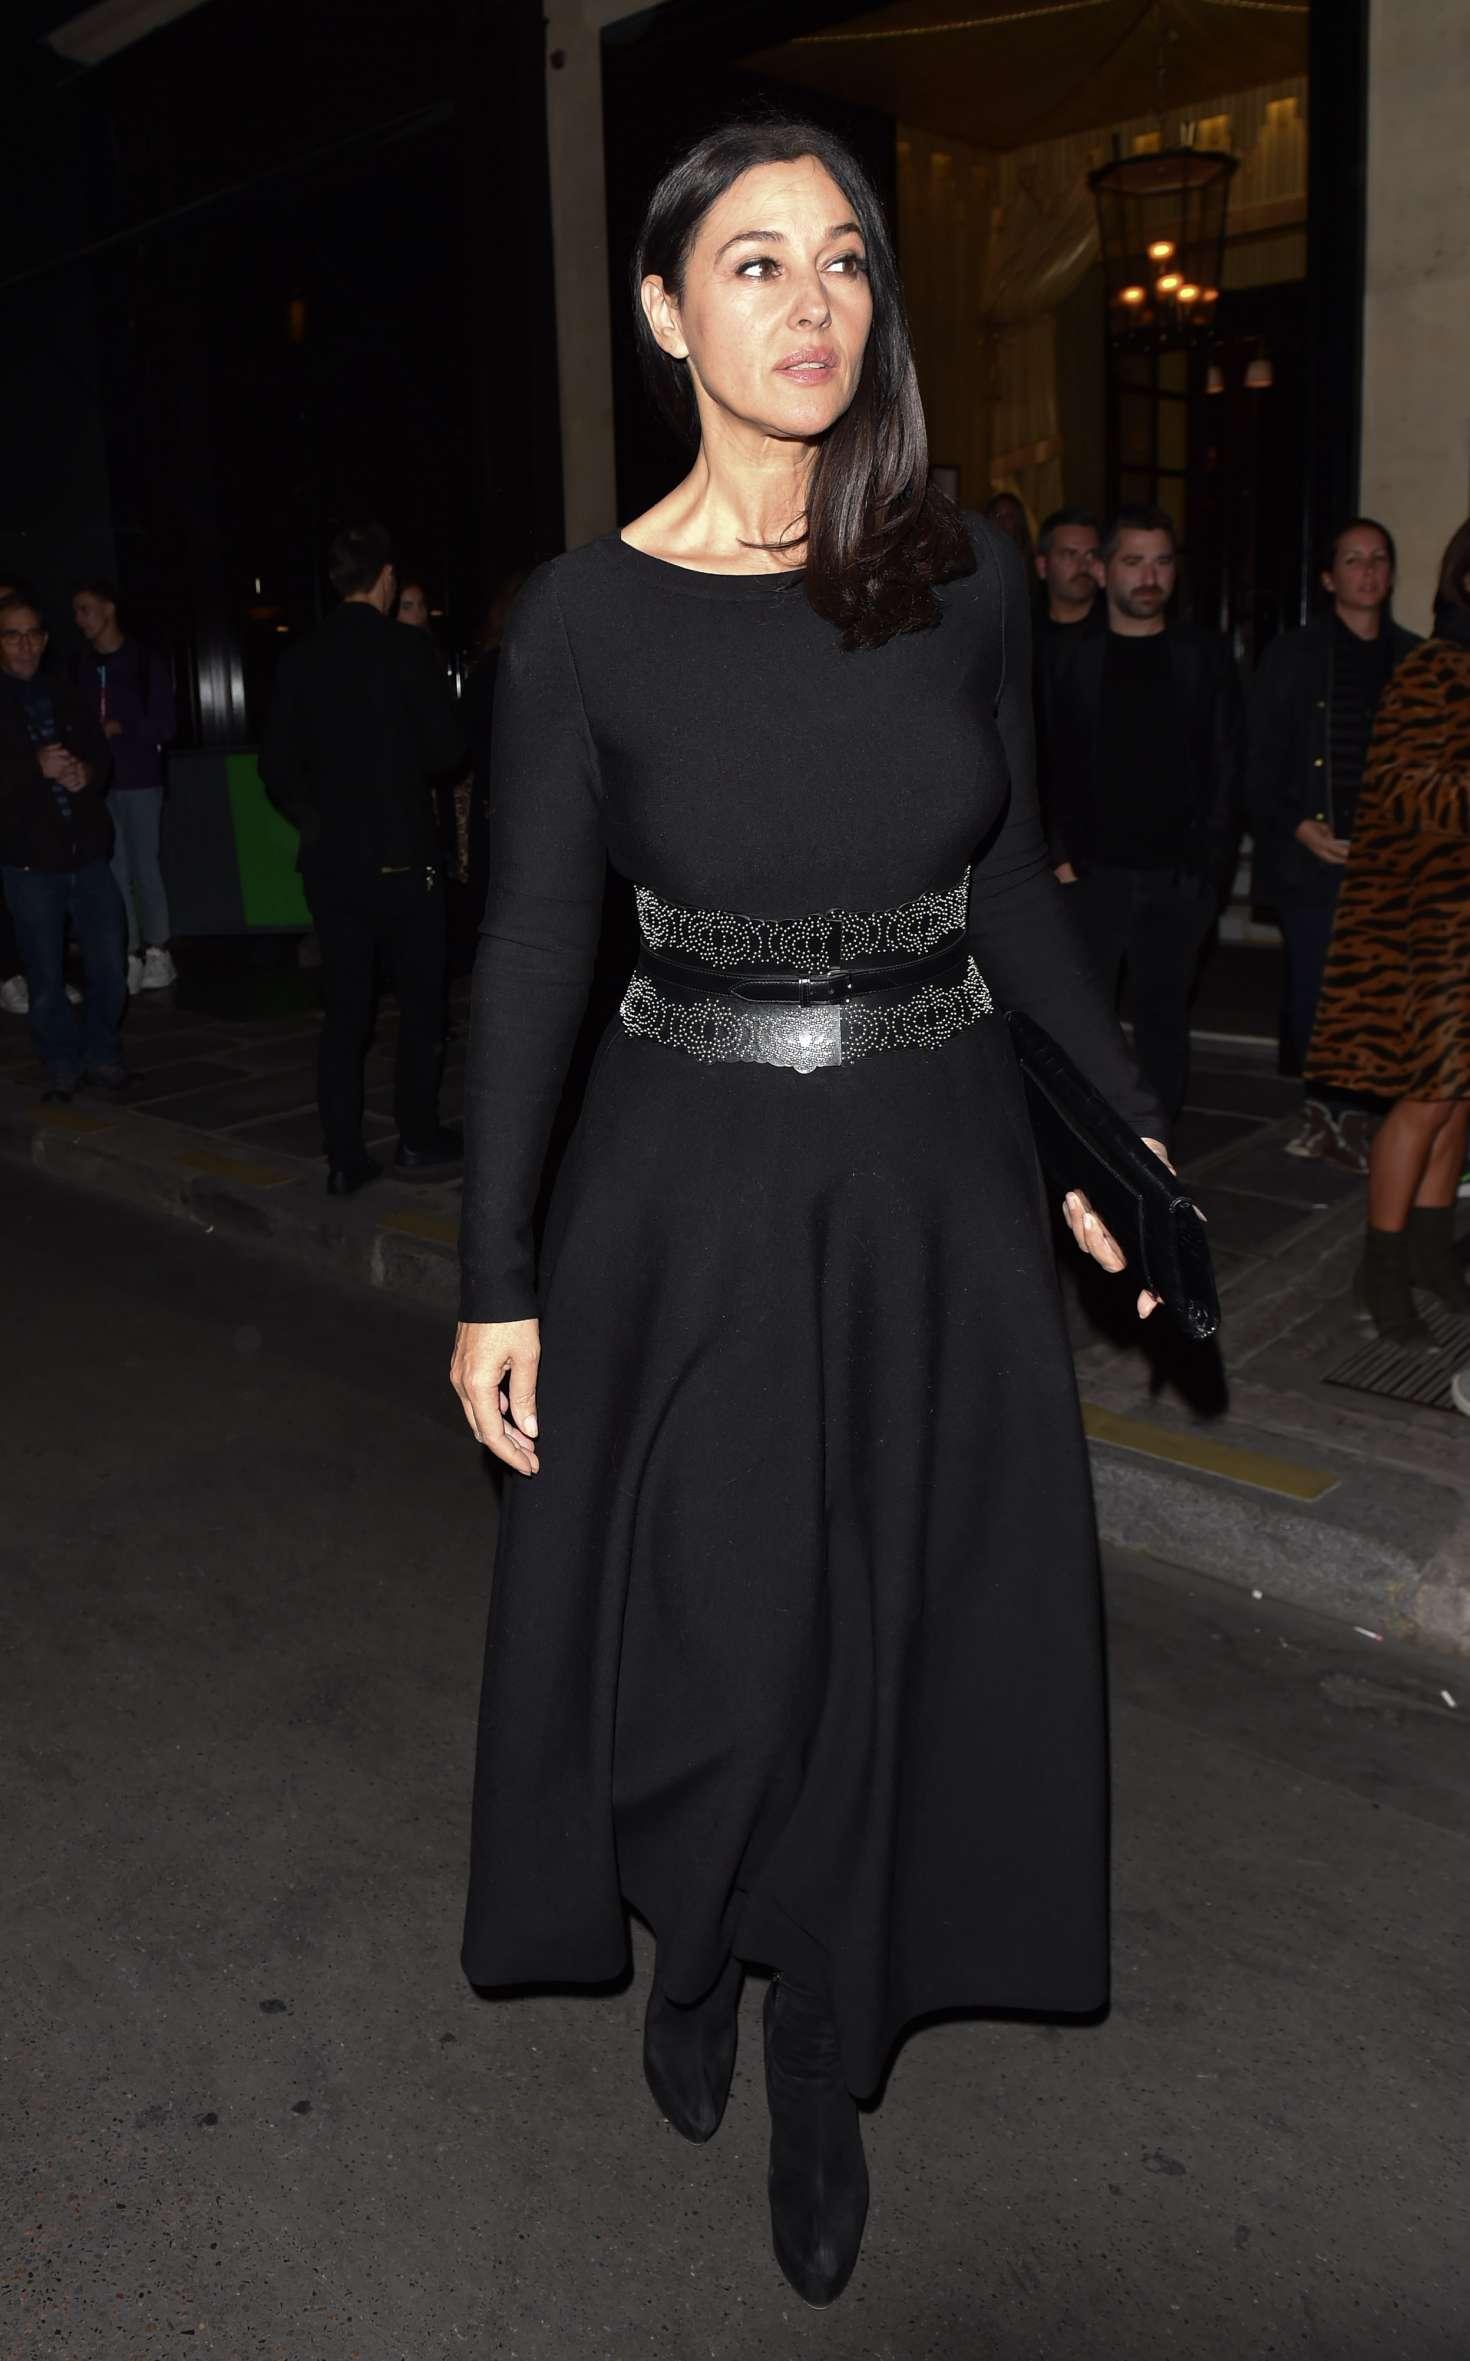 Monica Bellucci 2018 : Monica Bellucci at the Costes hotel -10